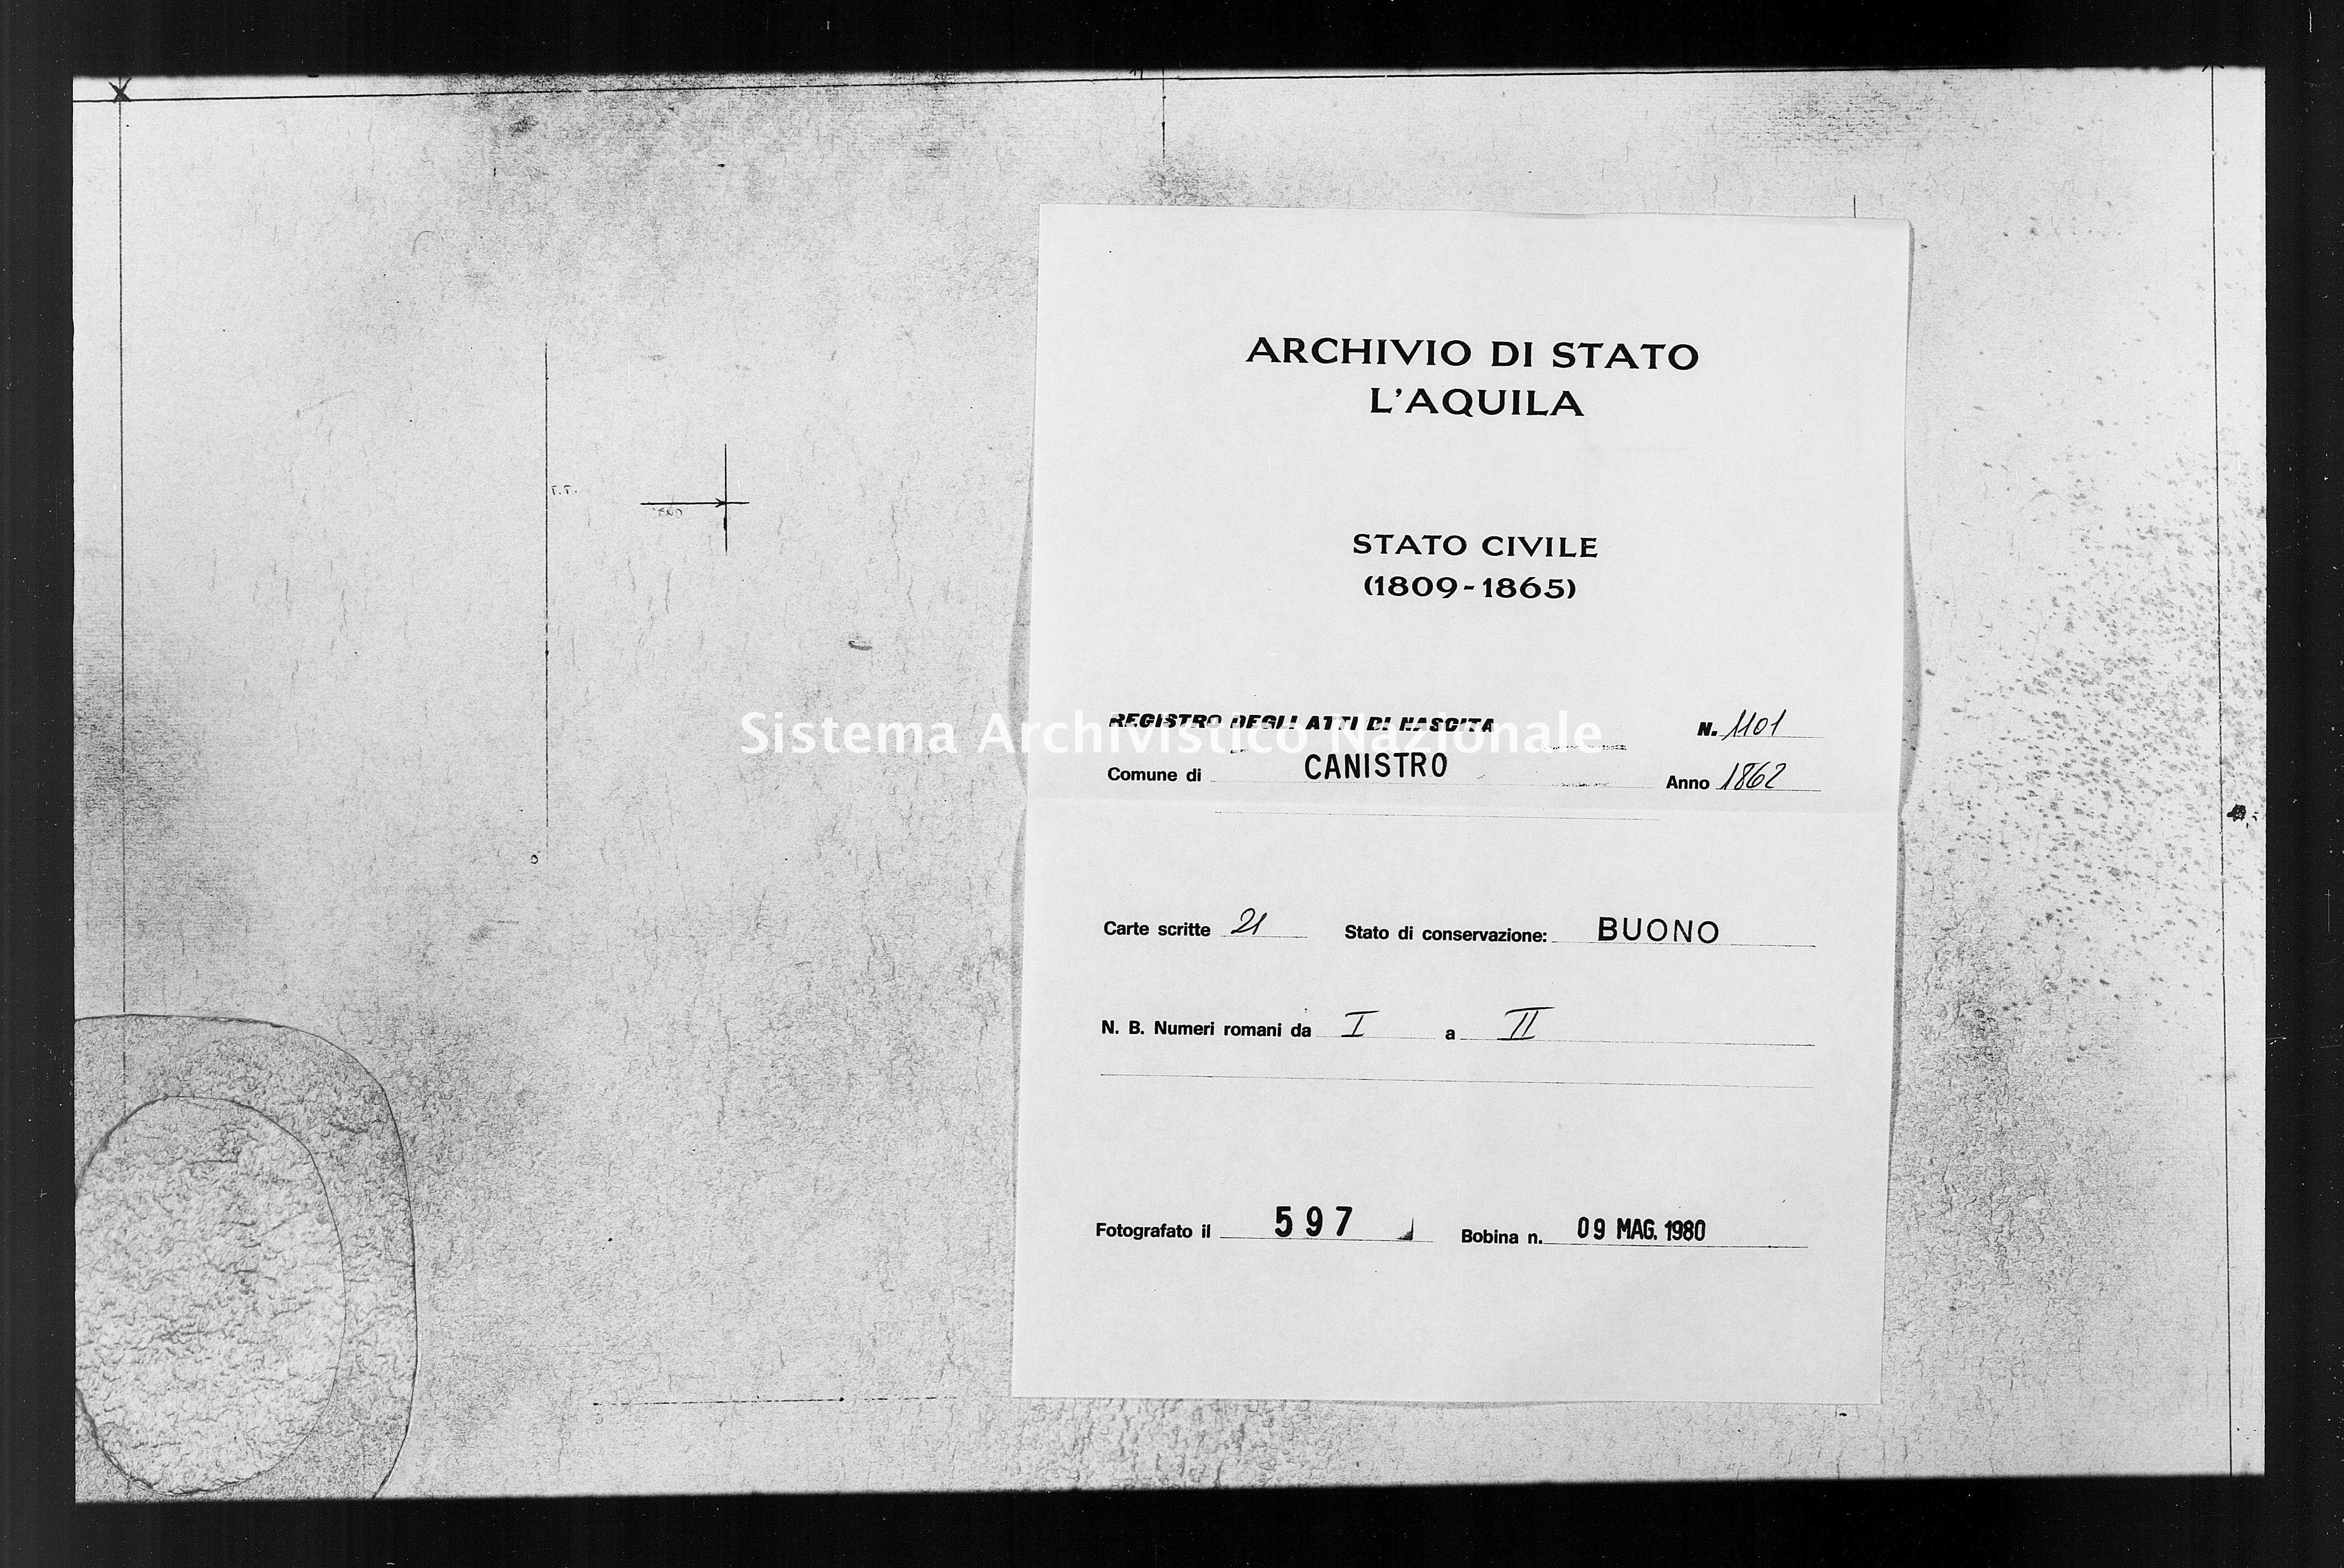 Archivio di stato di L'aquila - Stato civile italiano - Canistro - Nati - 1862 - 1101 -